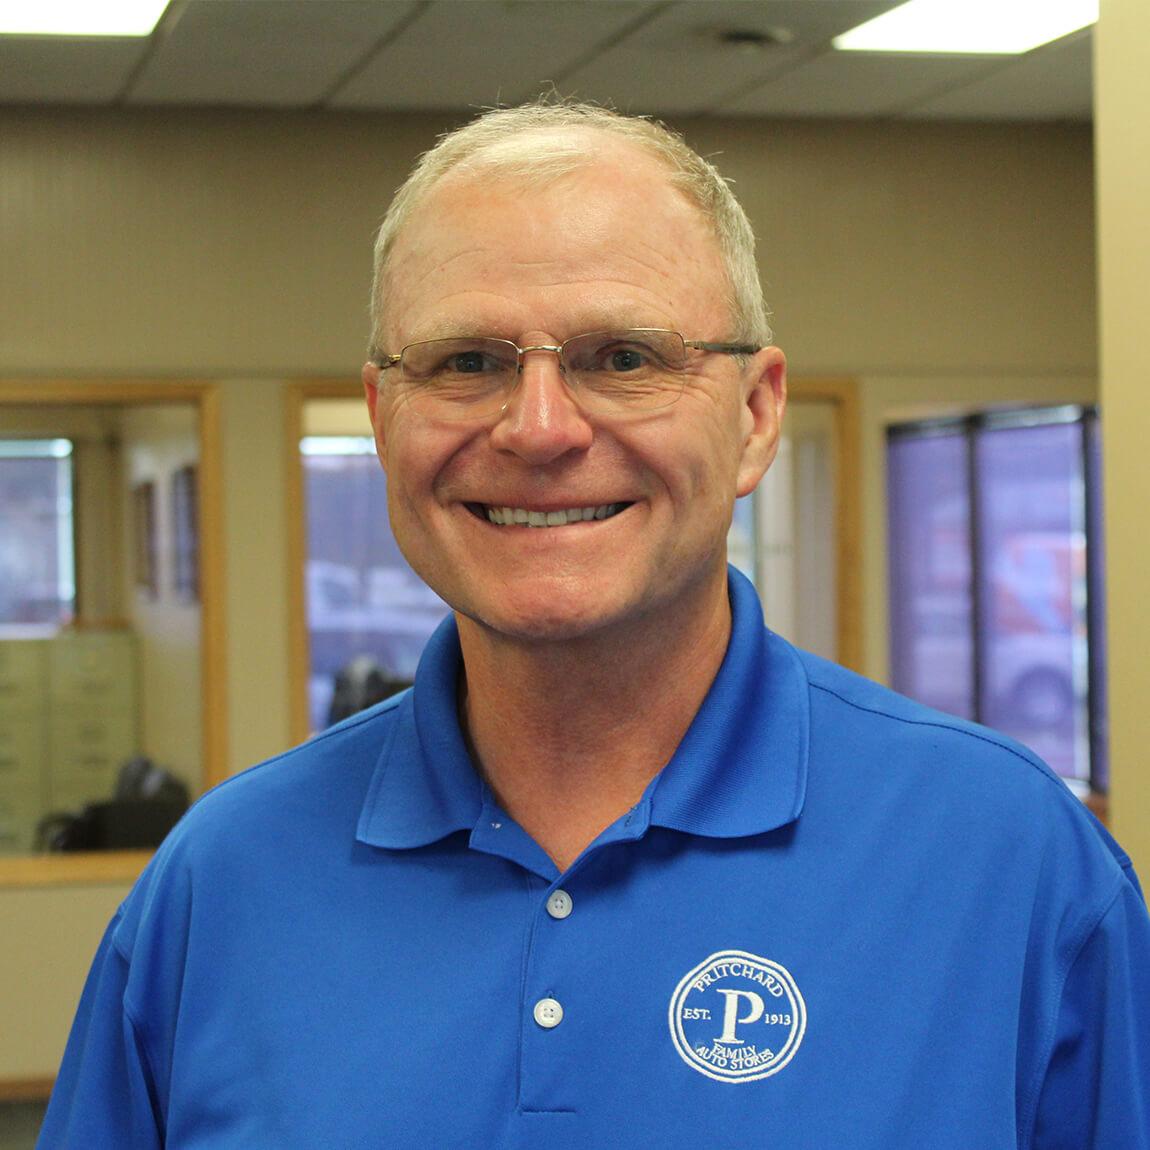 Paul Schoeneman